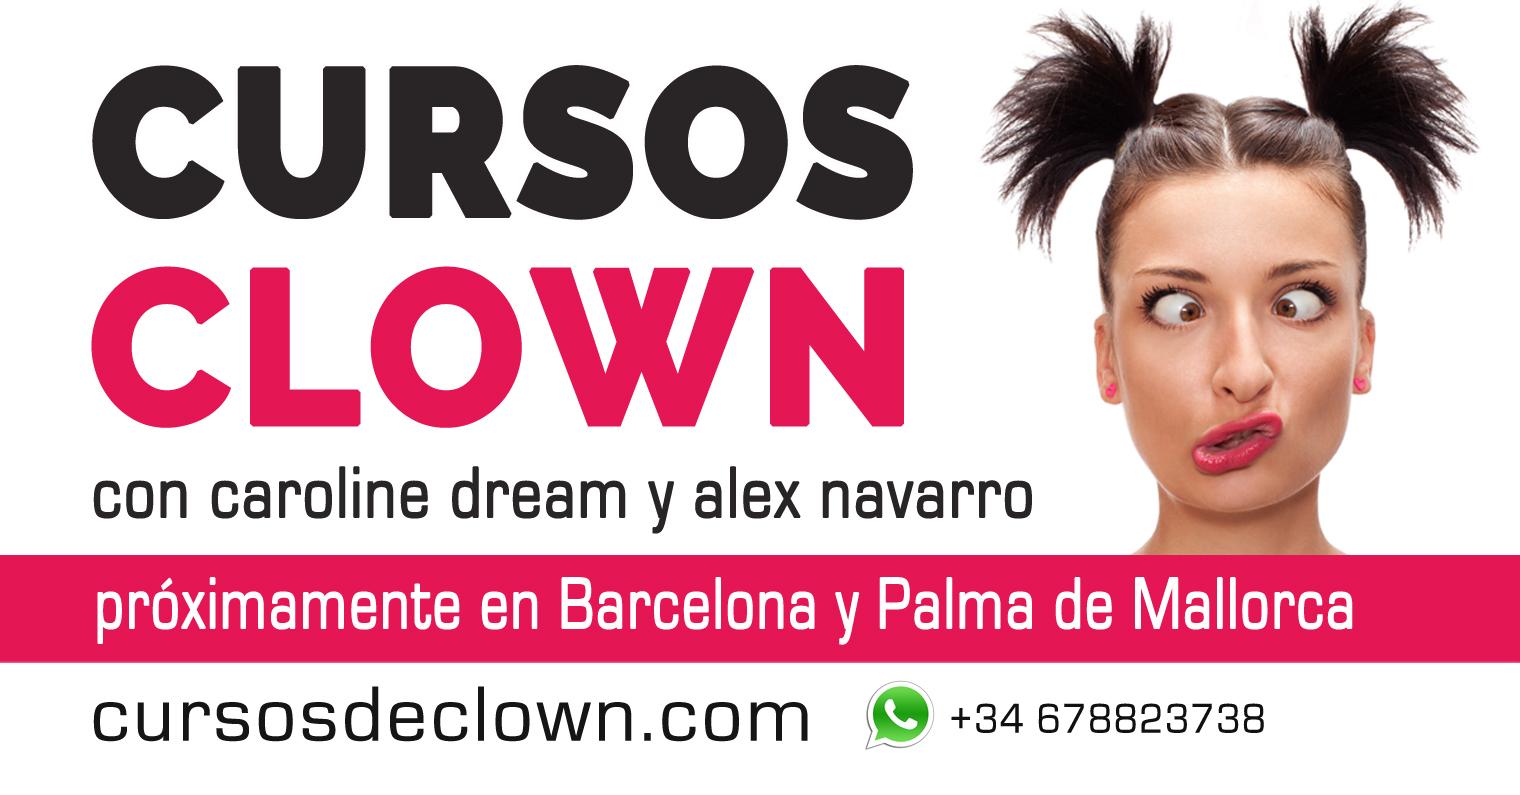 Cursos de Clown en Barcelona y Palma de Mallorca